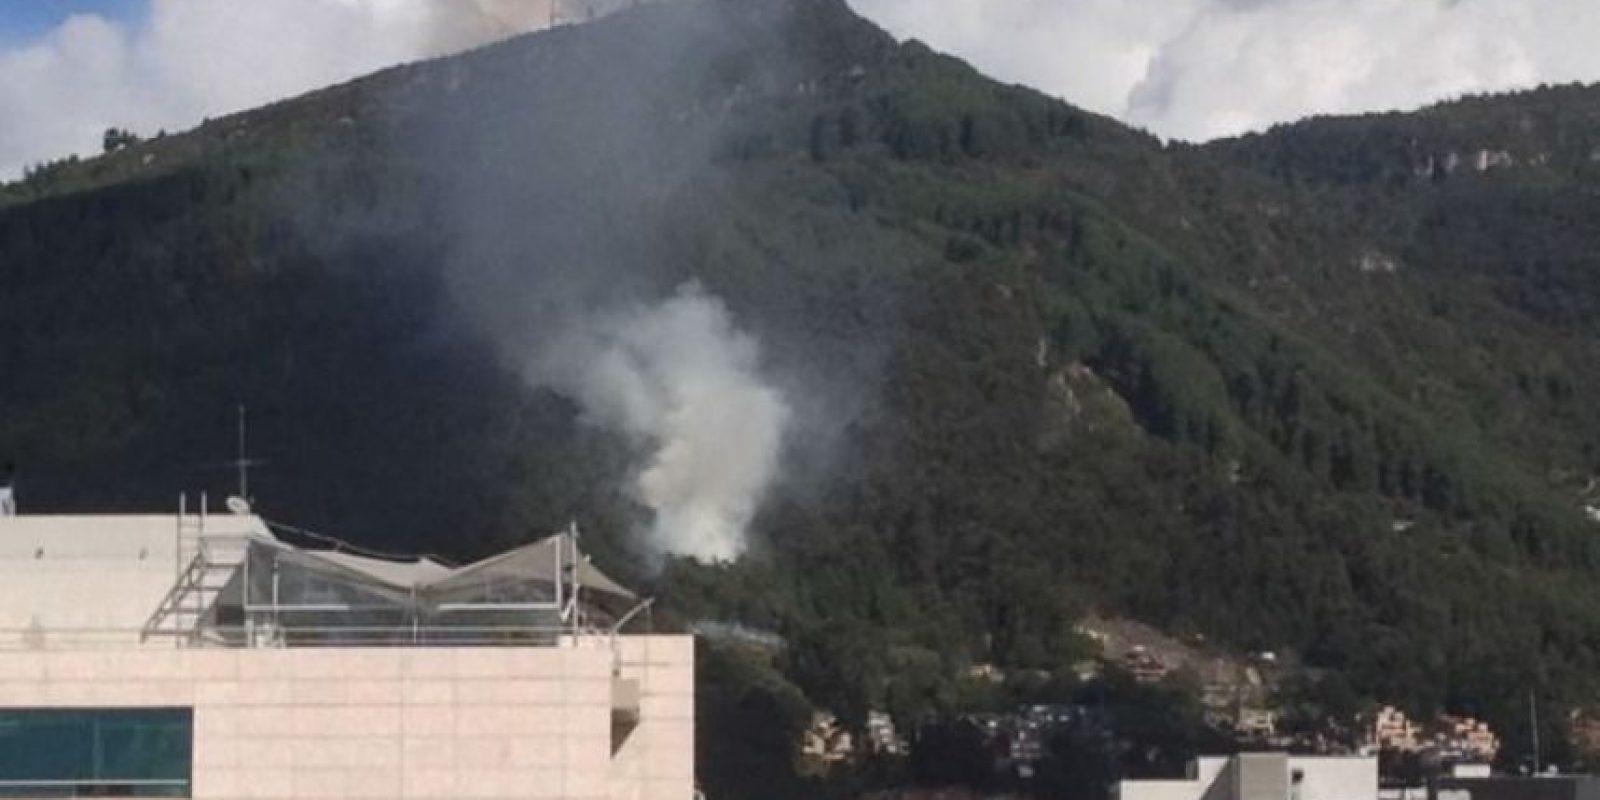 Incendio en La Calera. / @ MiguelSejnaui1